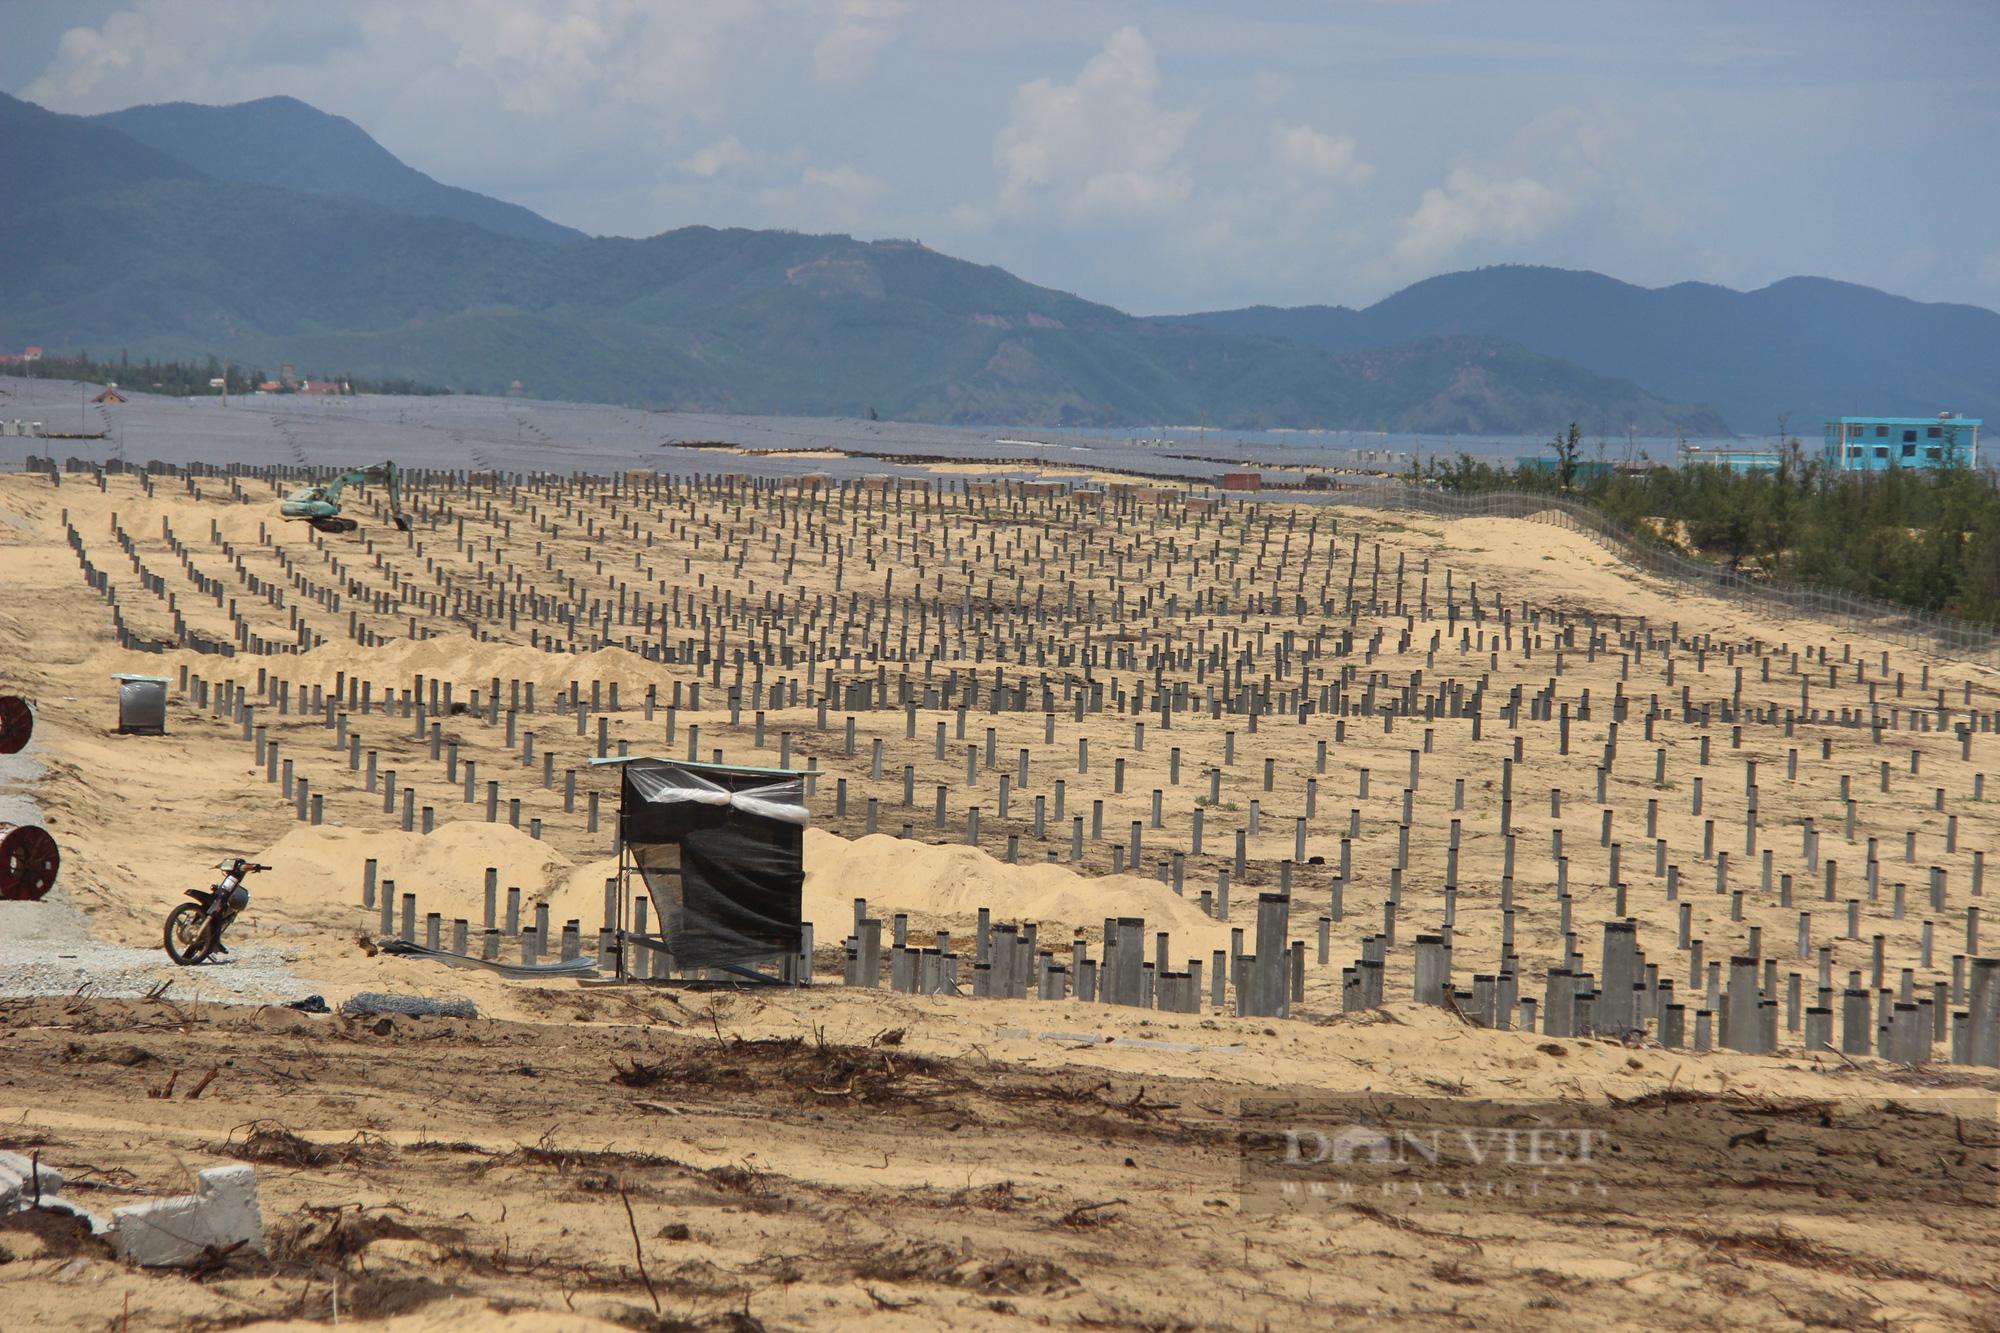 """Dự án Nhà máy điện mặt trời """"tàn sát"""" 5,2ha rừng do nhầm lẫn: Bất ngờ báo cáo của UBND huyện Phù Mỹ gửi tỉnh! - Ảnh 4."""